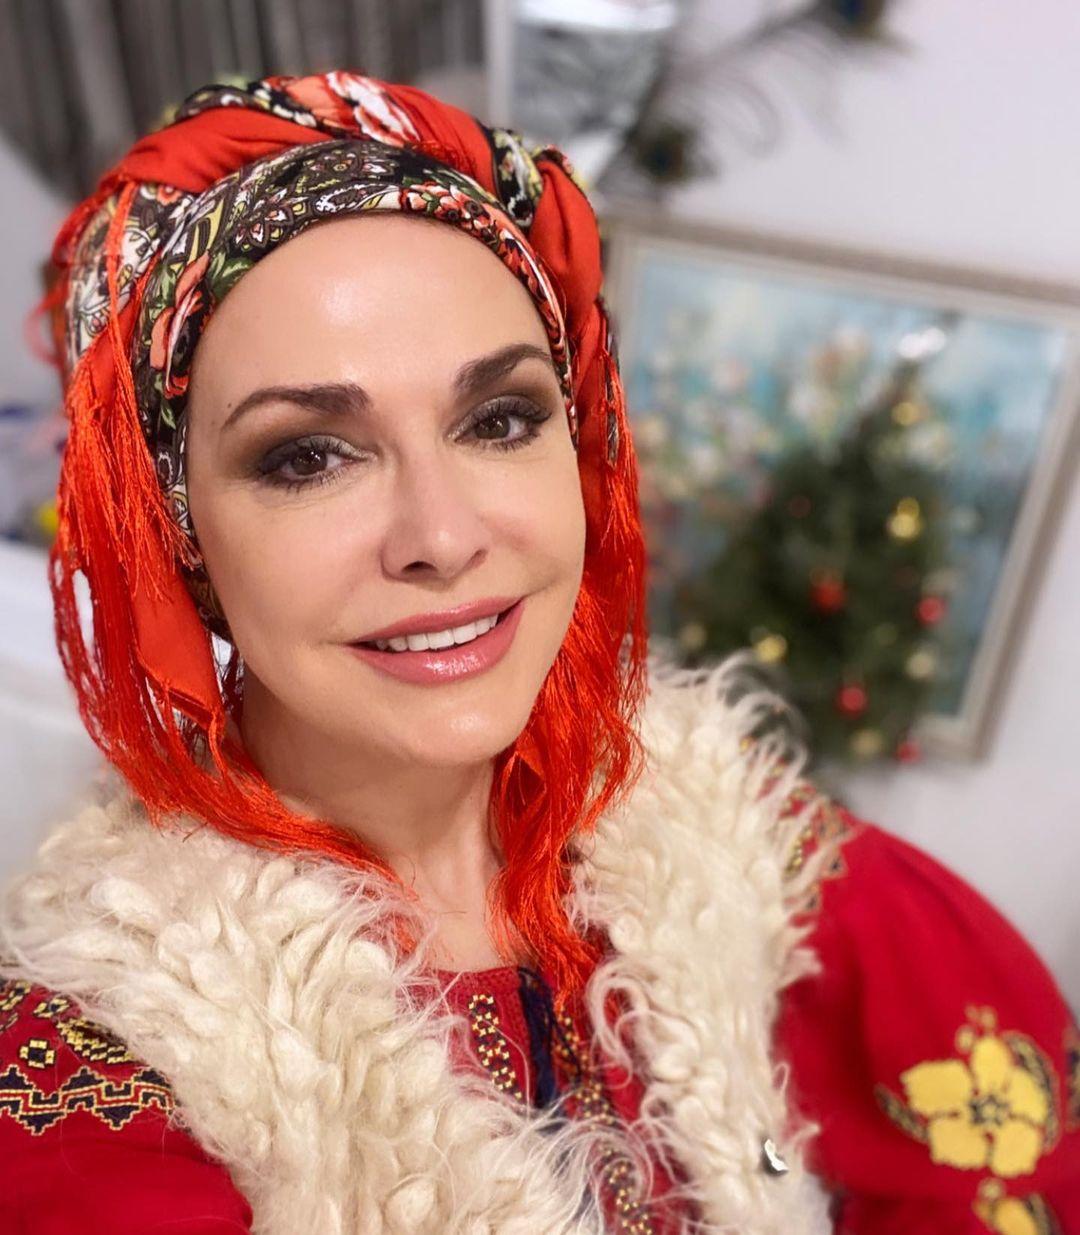 Щедрый вечер: как Катя Осадчая, Алина Байкова и другие селебрити отпраздновали Старый Новый год